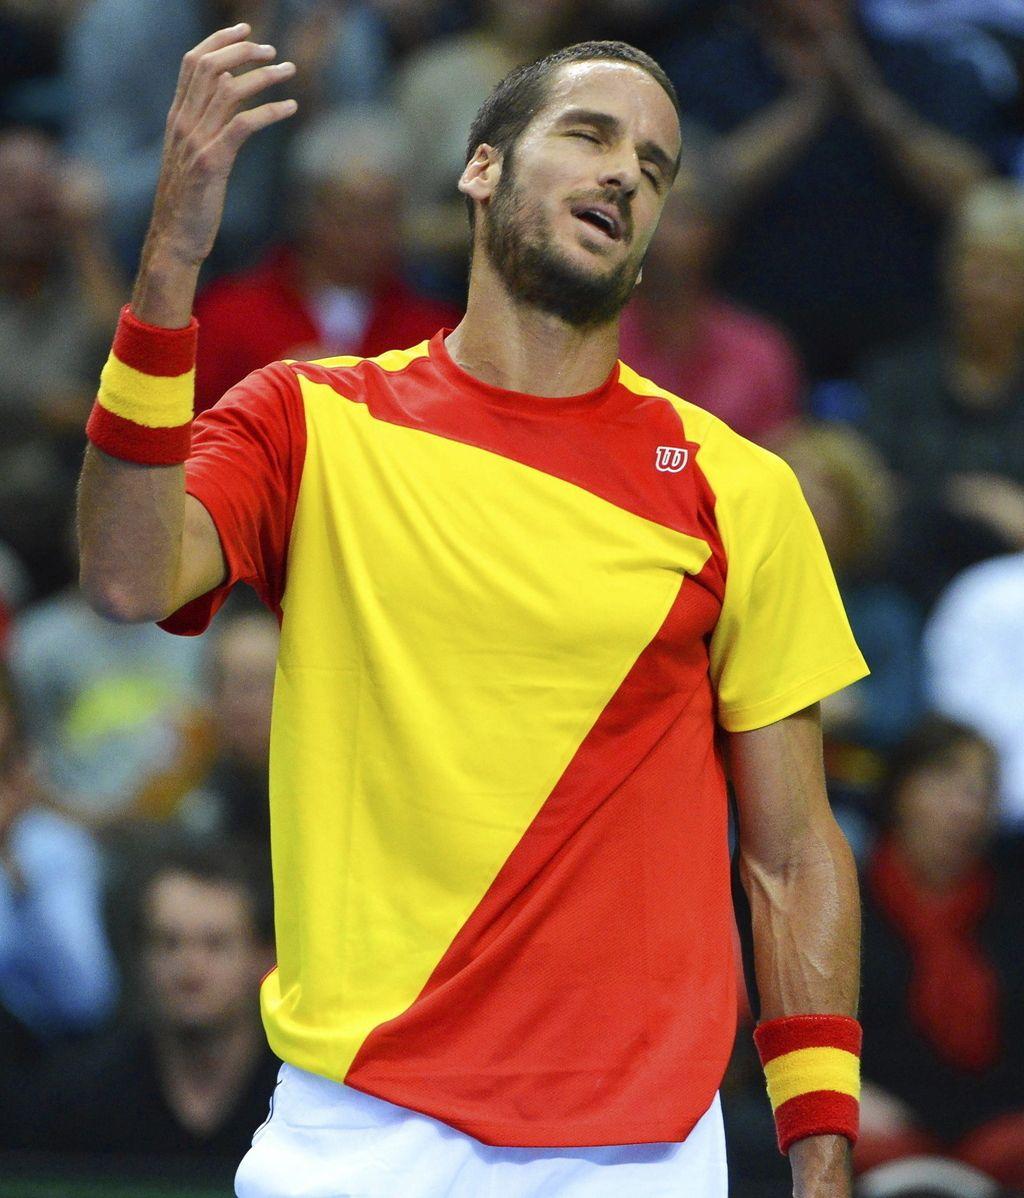 El tenista español Feliciano López se lamenta tras perder un punto frente al alemán Florian Mayer